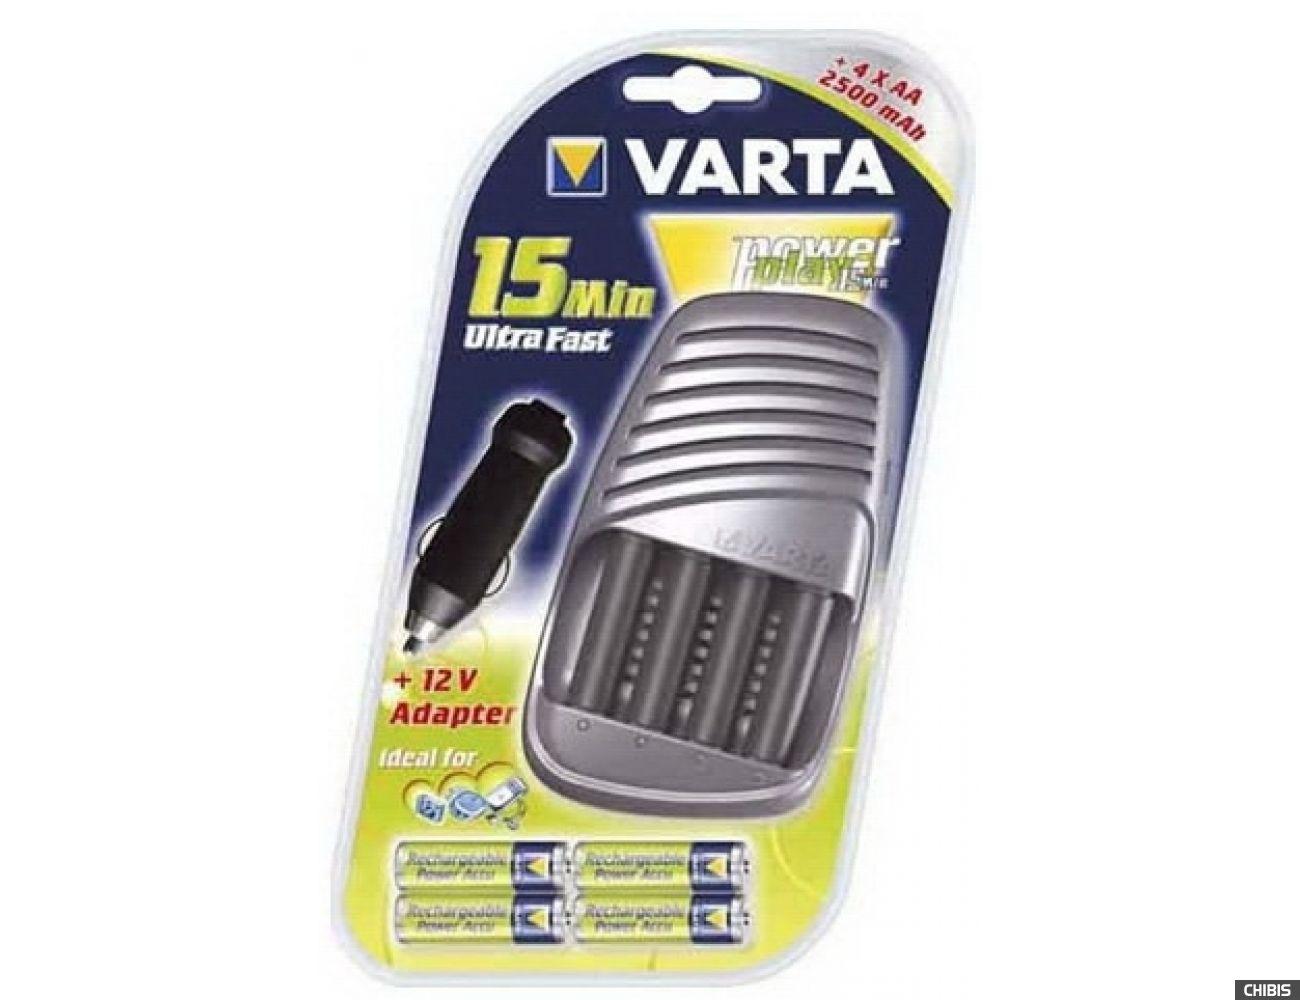 Зарядное устройство Varta Power Play 15 Min Ultra Fast + 4 - 2500AA + авто адаптер (57075201441)